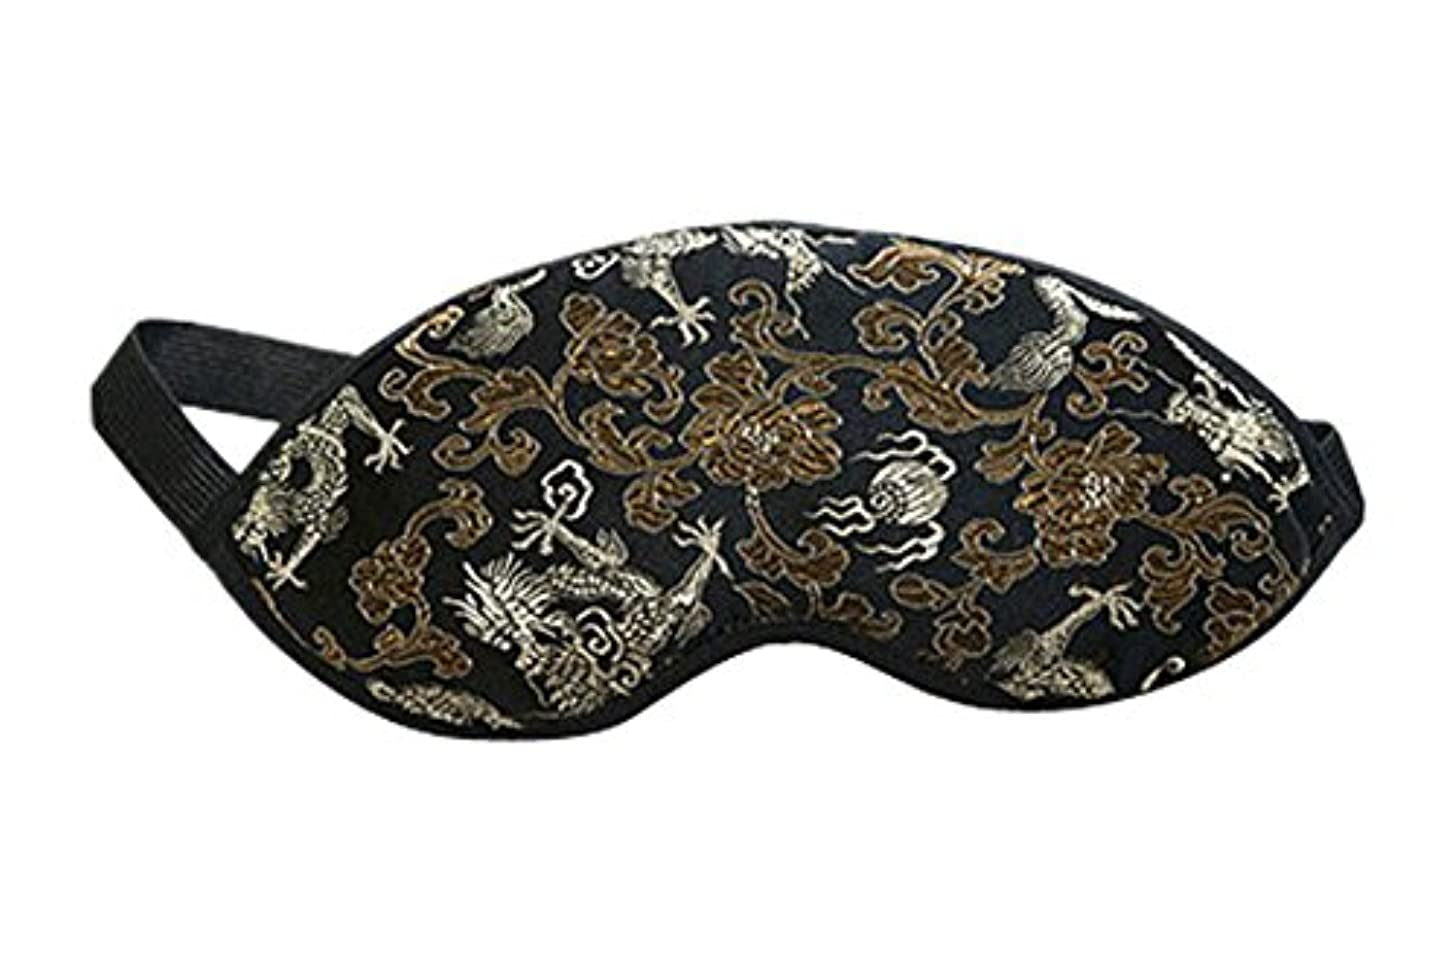 出版息切れ好奇心盛スリープドラゴン用の刺繍ドラゴンソフトシルクアイマスク